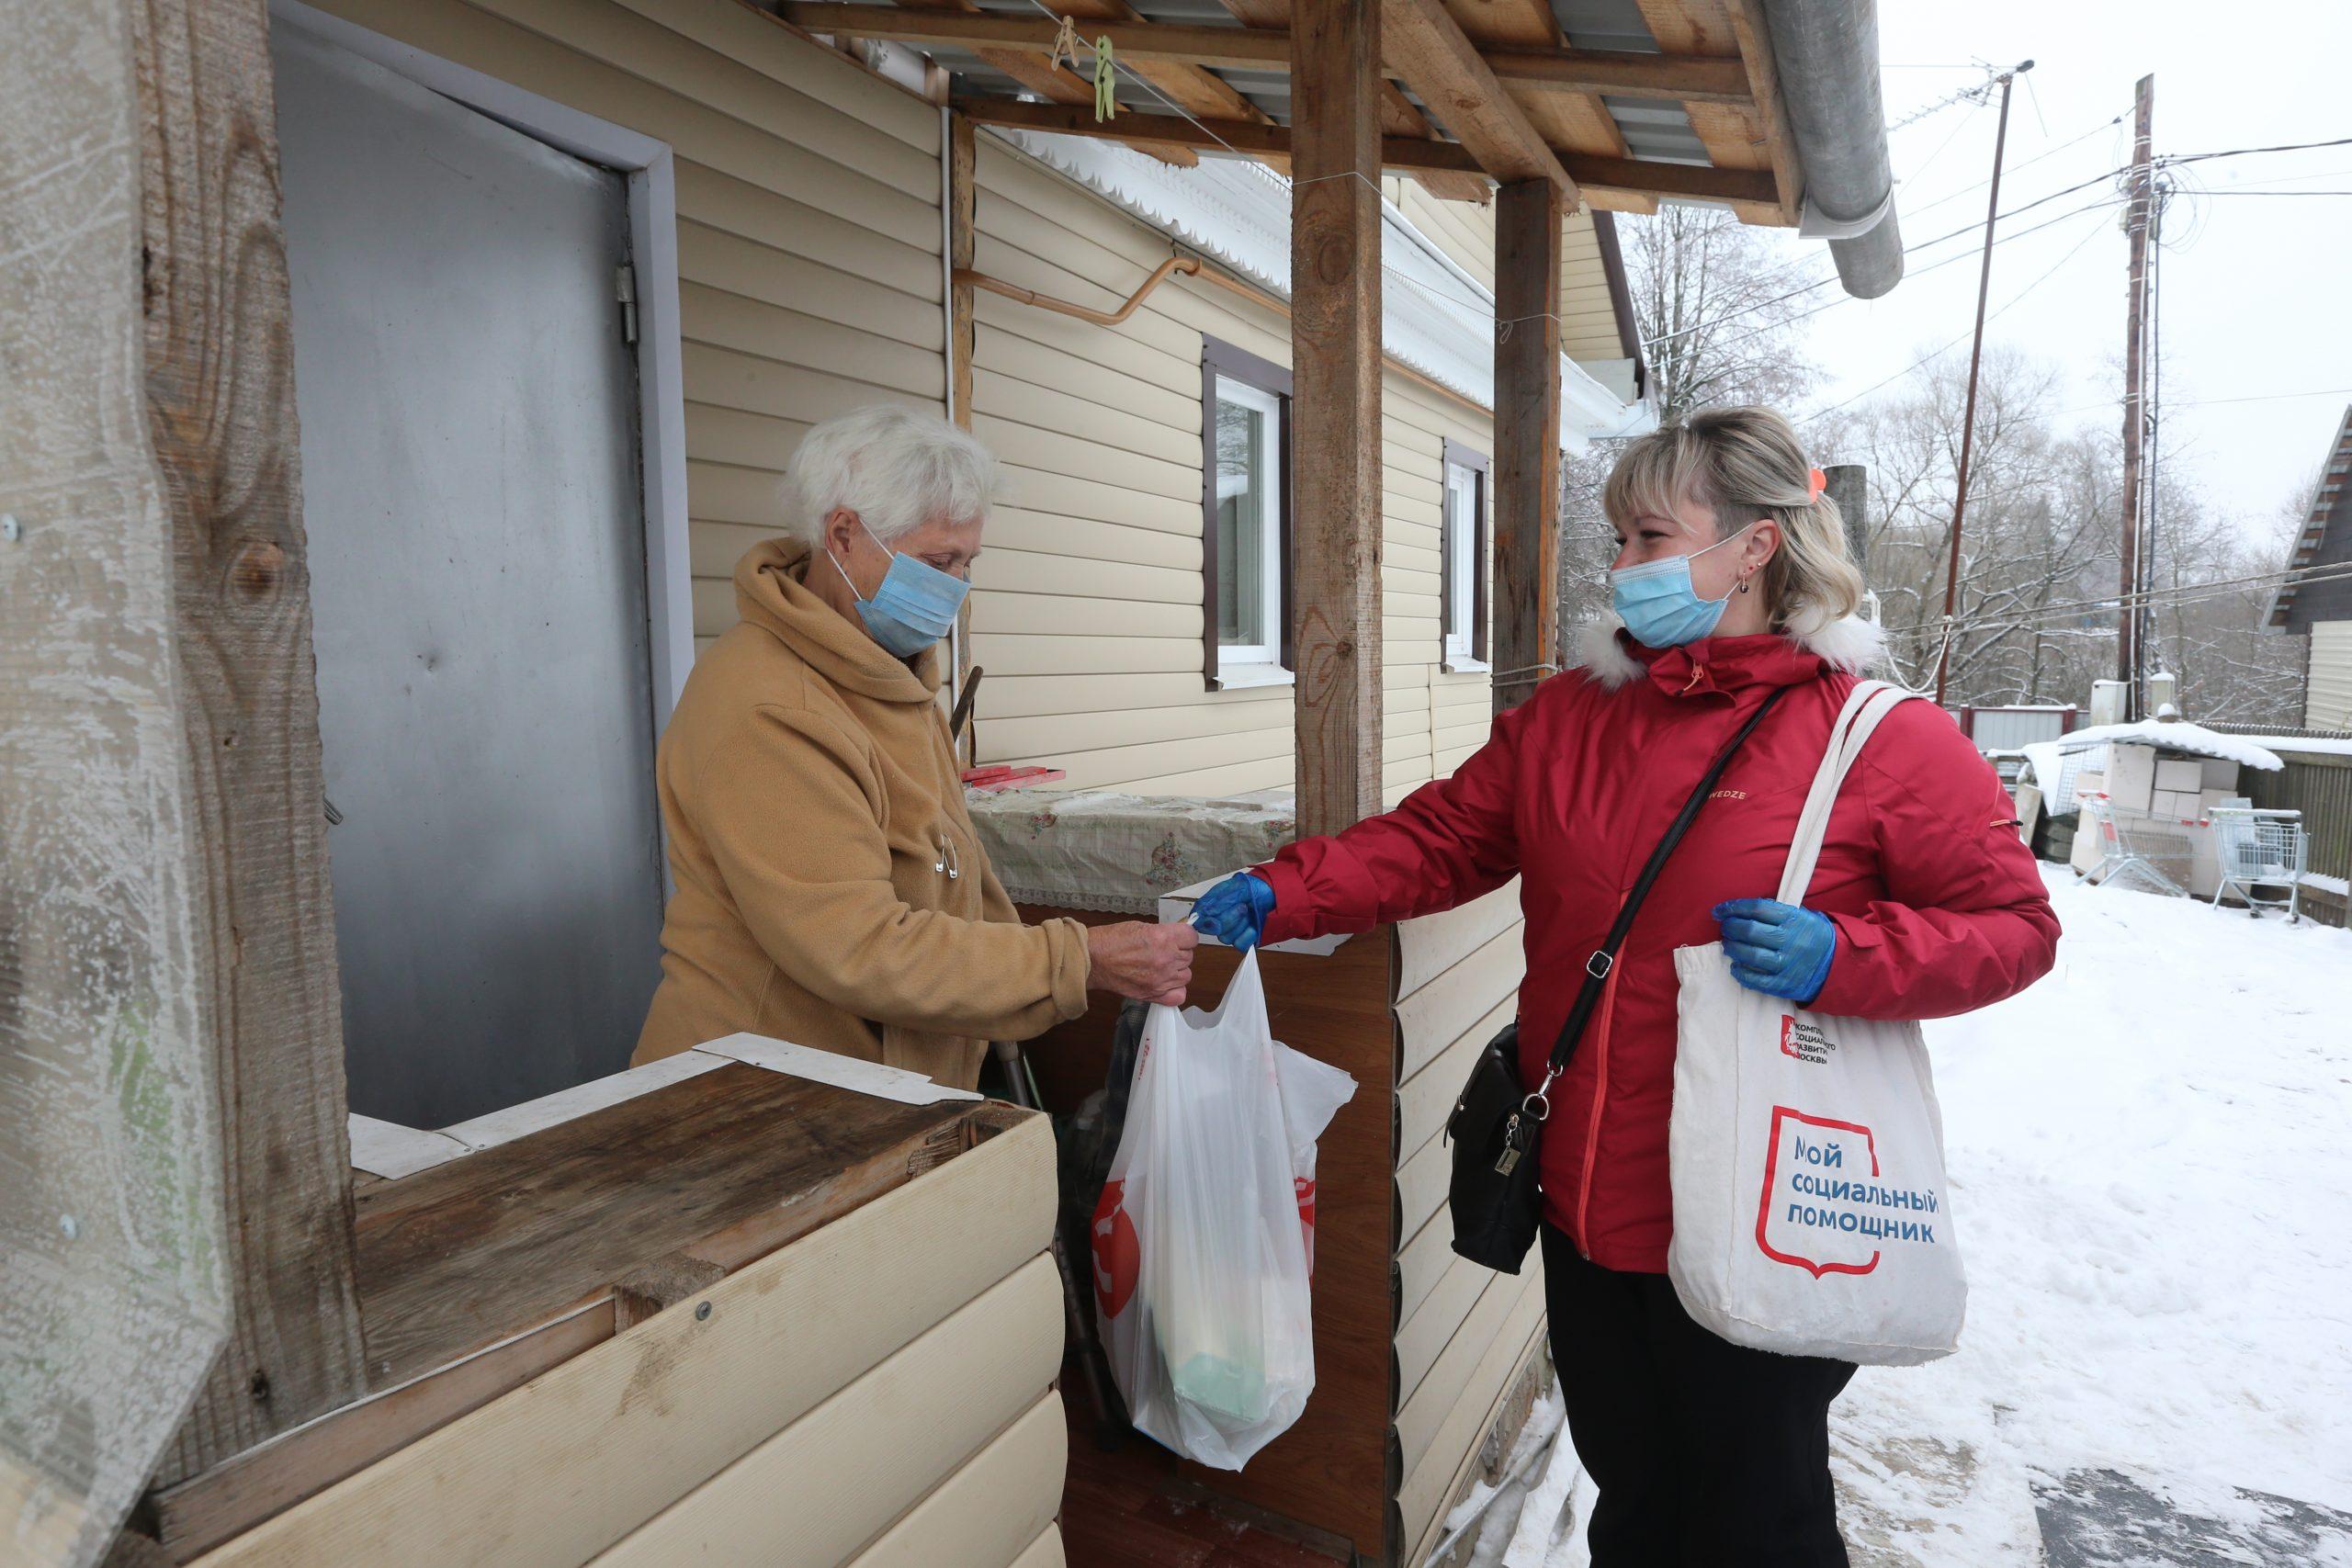 Волонтеры развезли более 1200 упаковок лекарств москвичам на самоизоляции